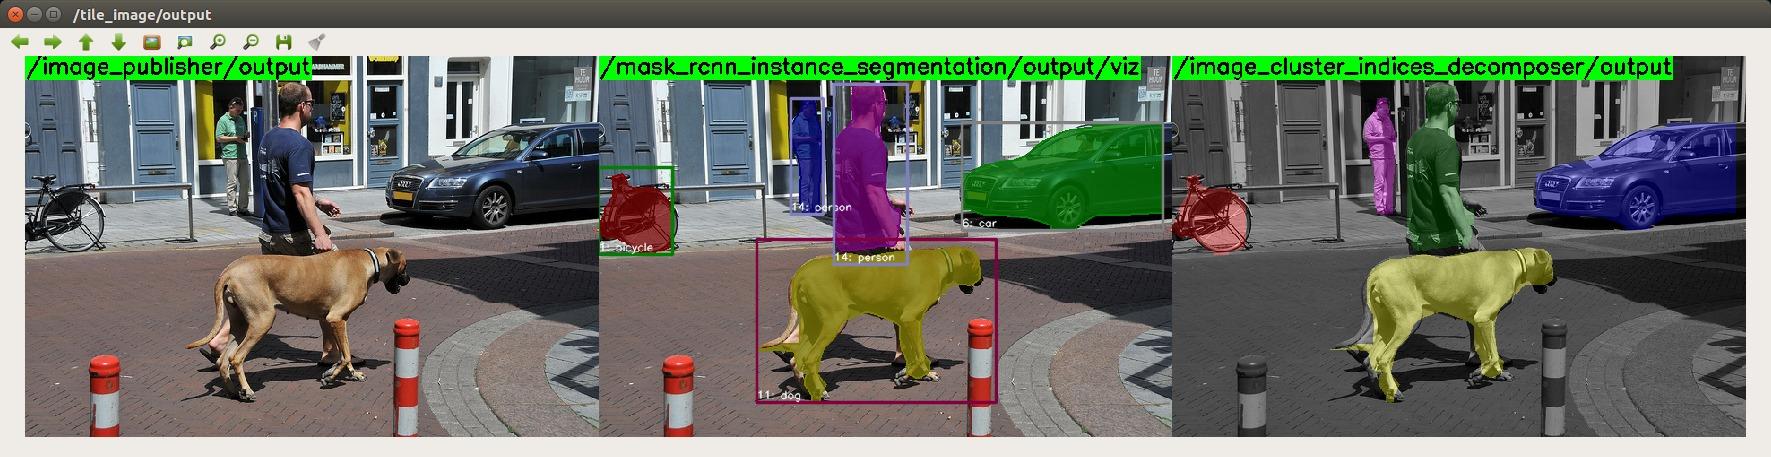 mask_rcnn_instance_segmentation py — jsk_recognition 1 2 10